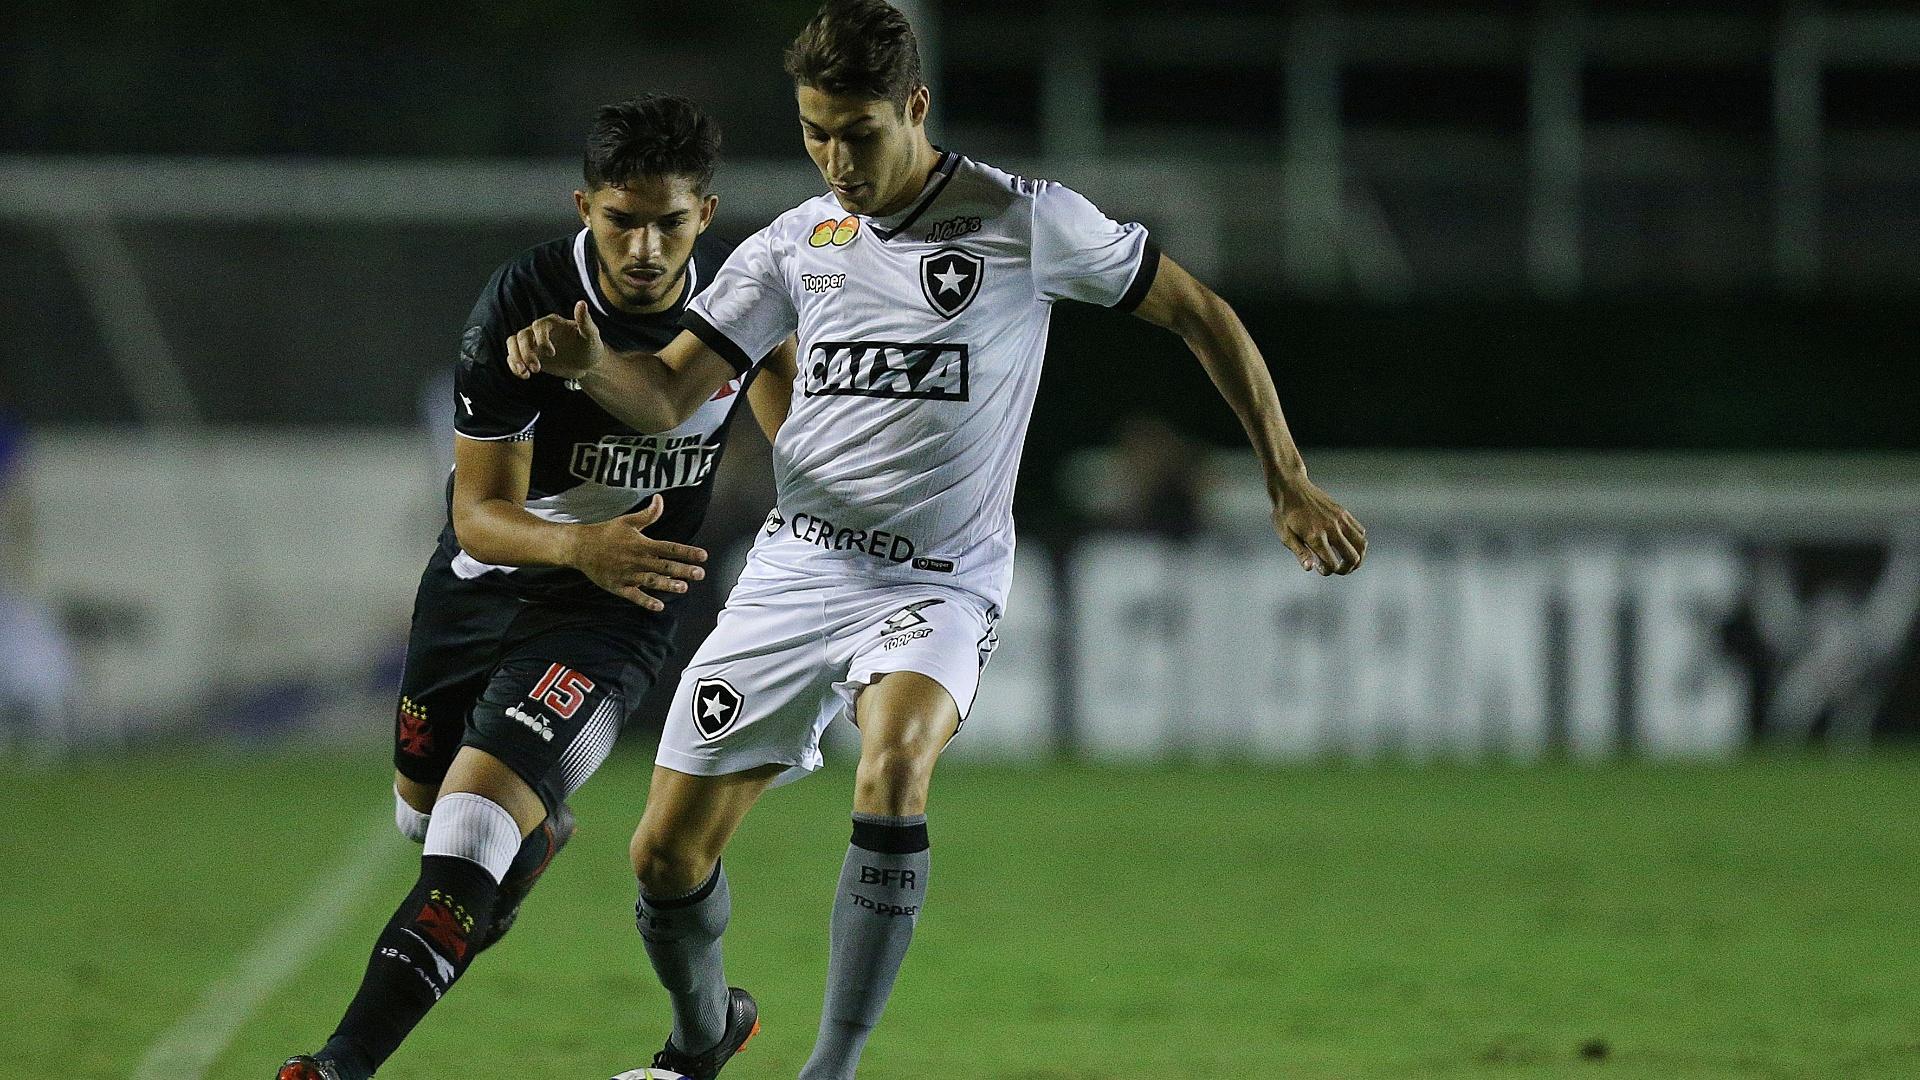 Marcinho passa pela marcação de Andrey no clássico entre Vasco e Botafogo